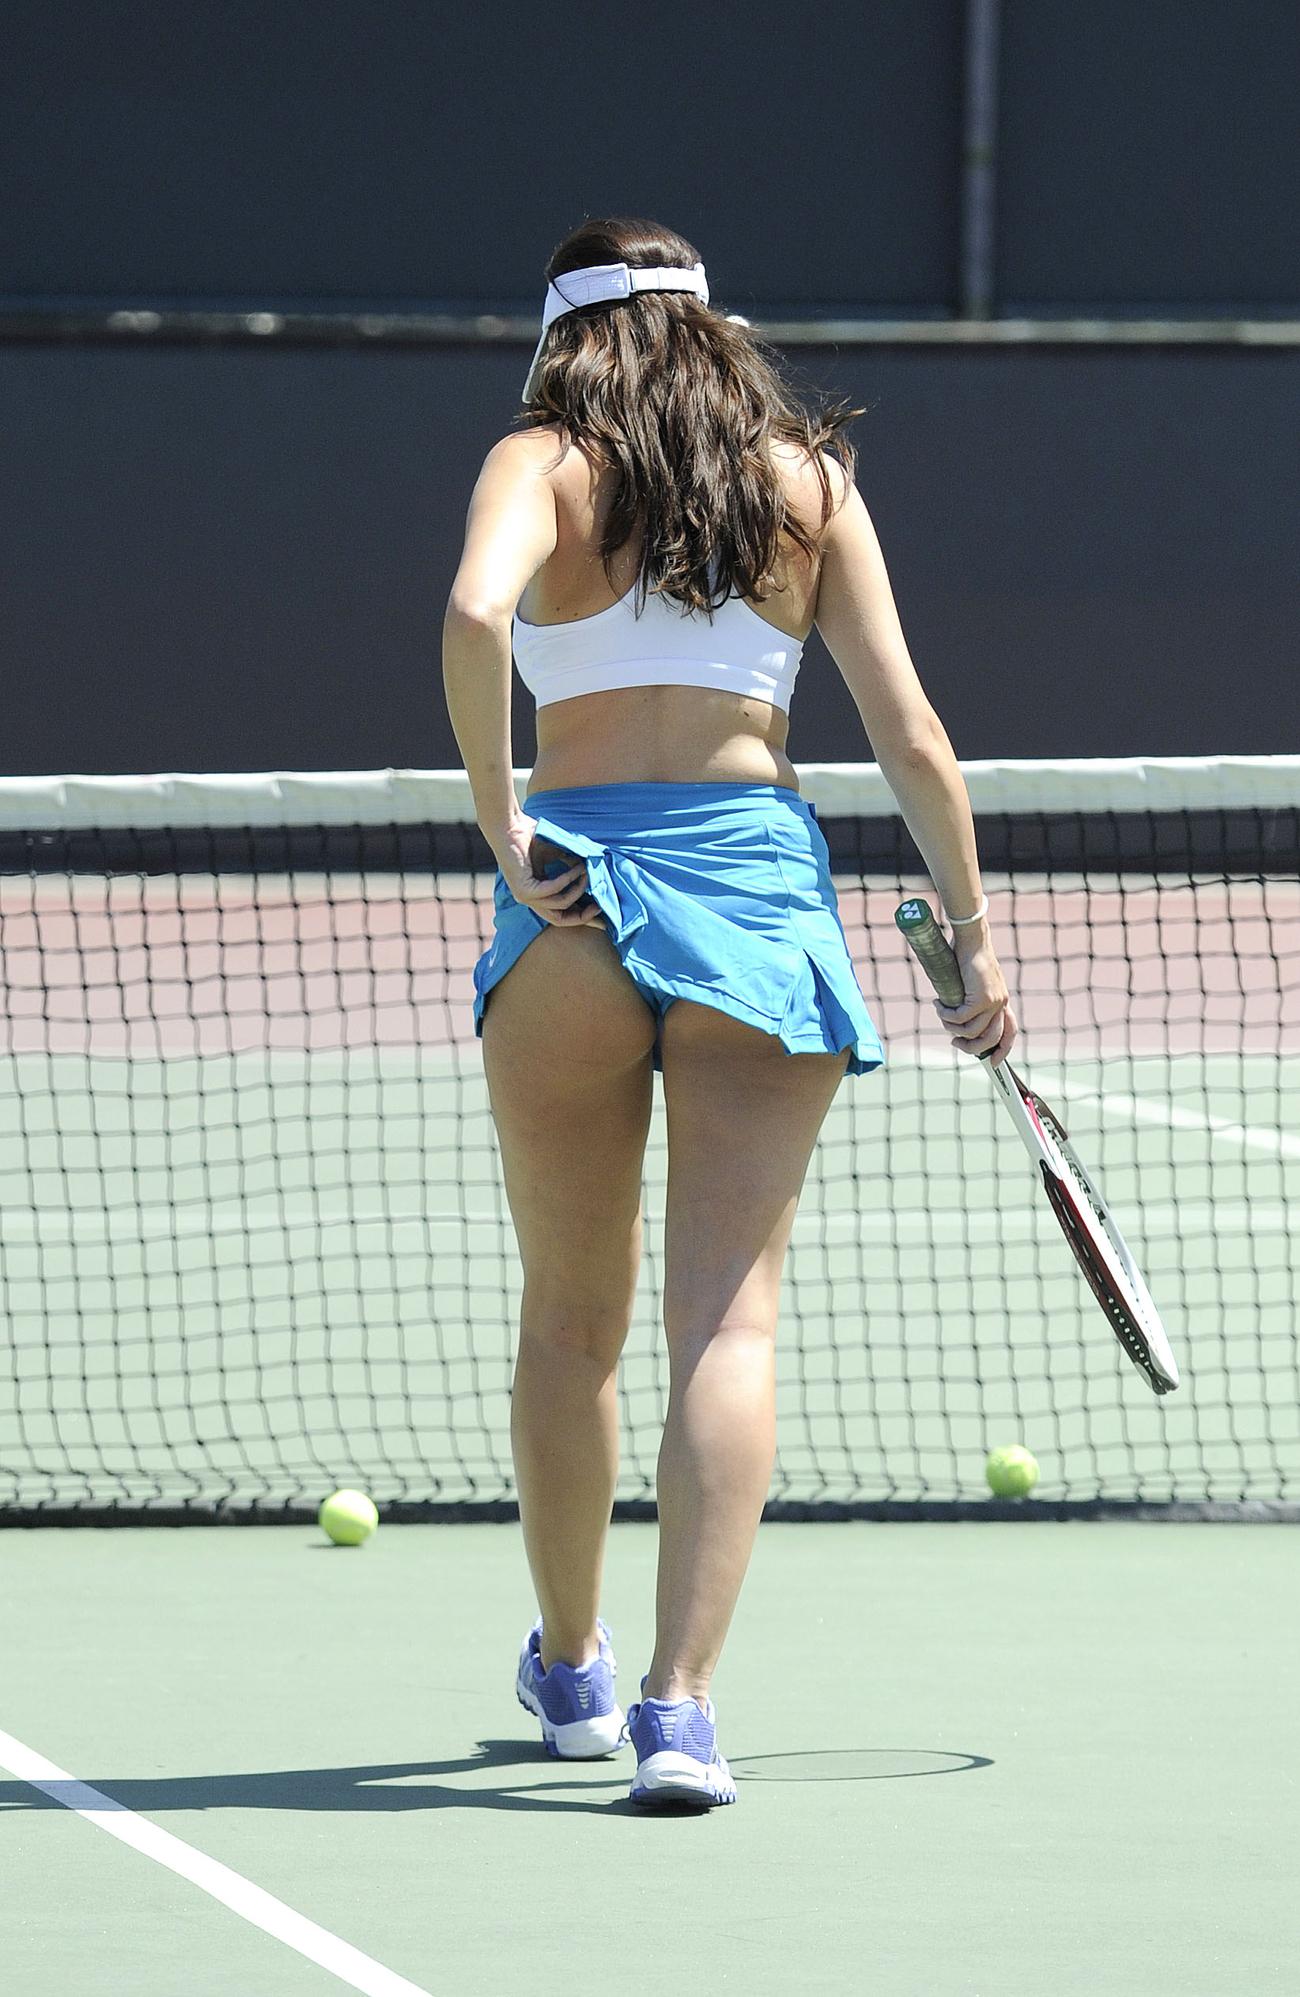 imogen-thomas-tennis-4